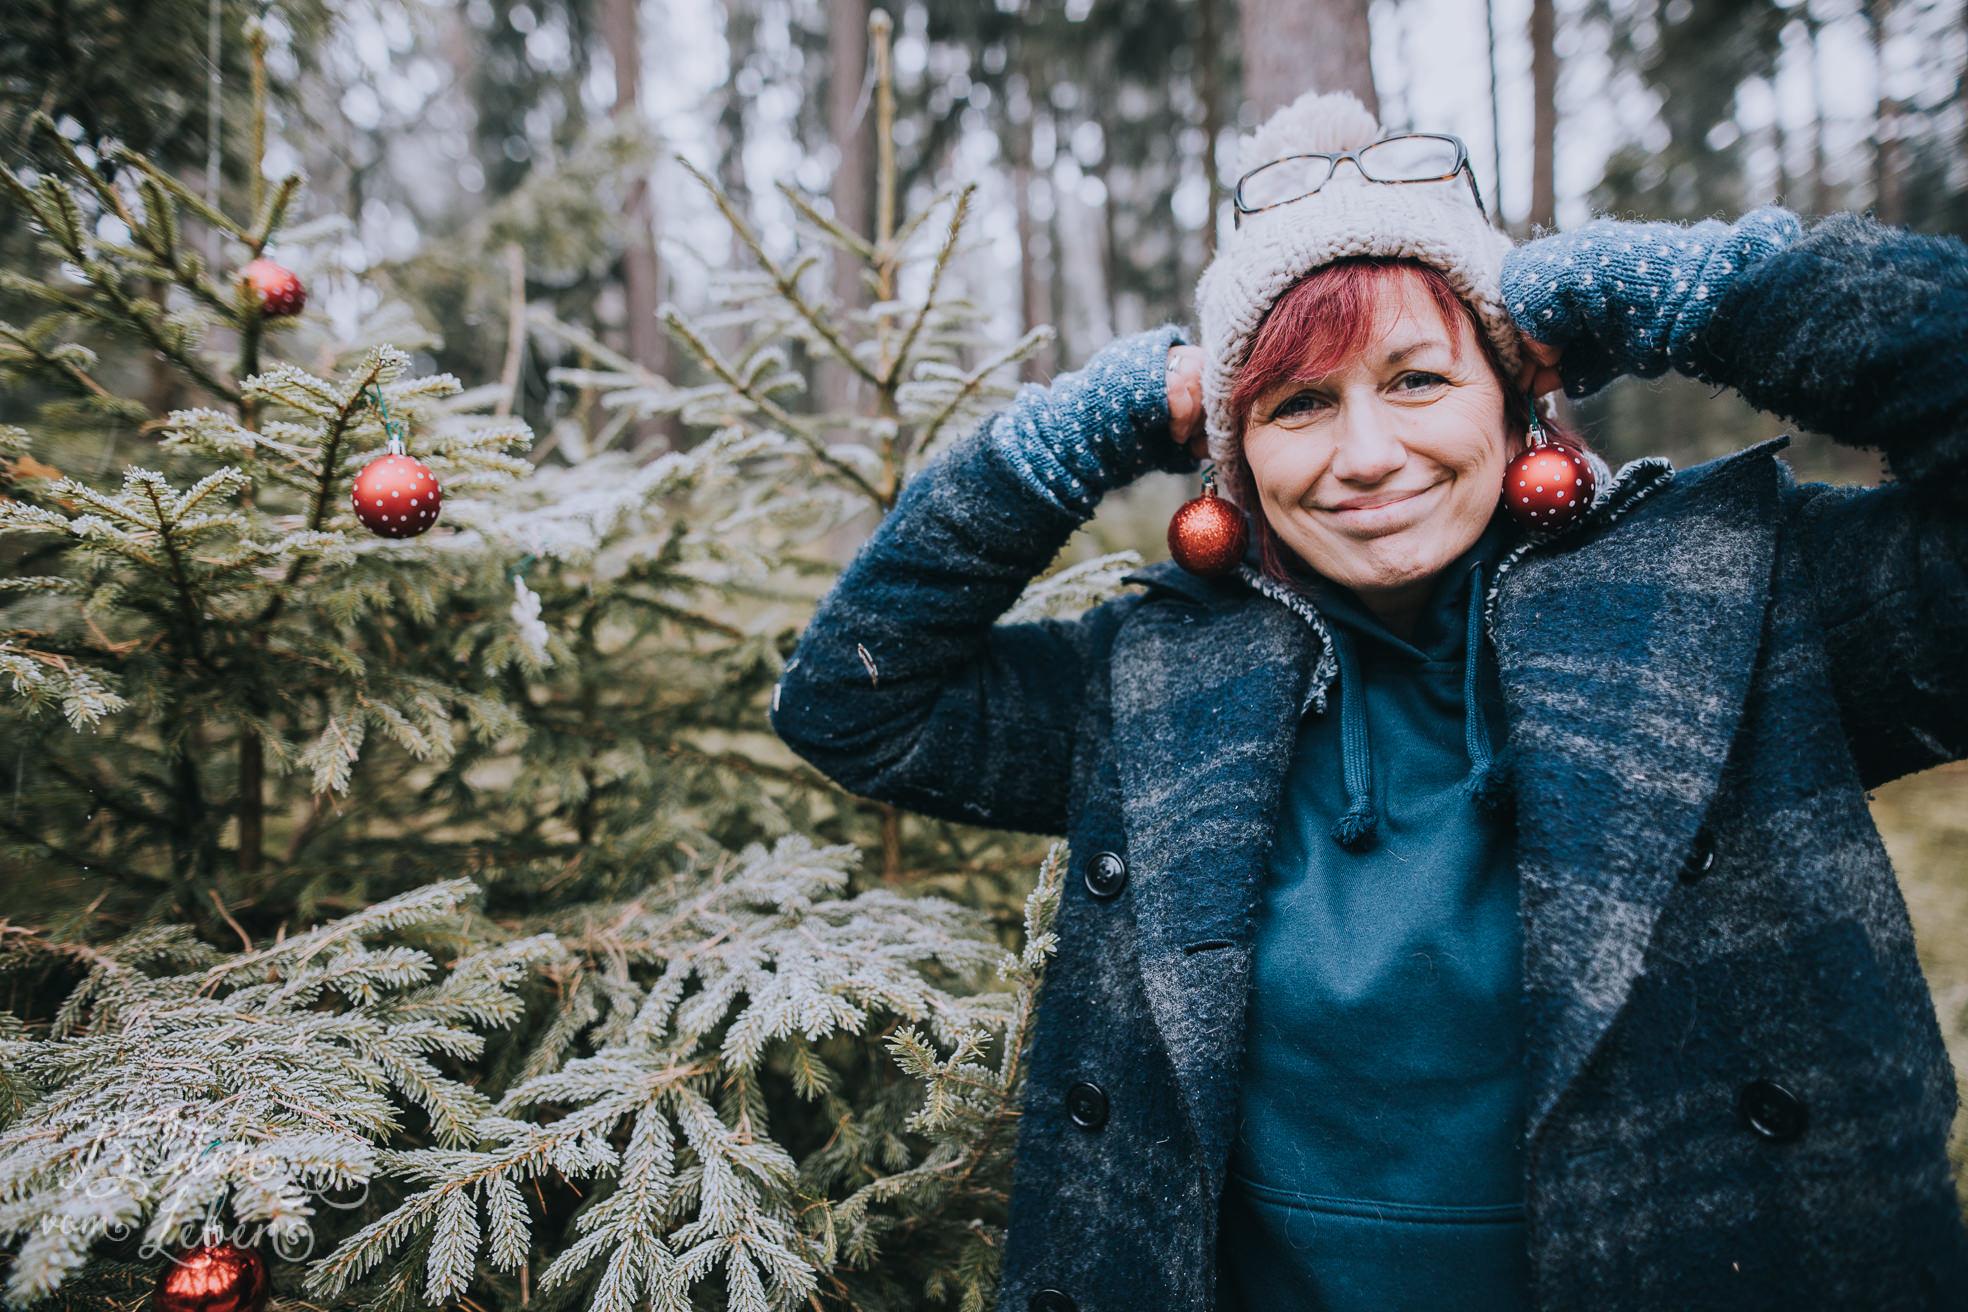 0023weihnachten-bildervomleben-imc39558